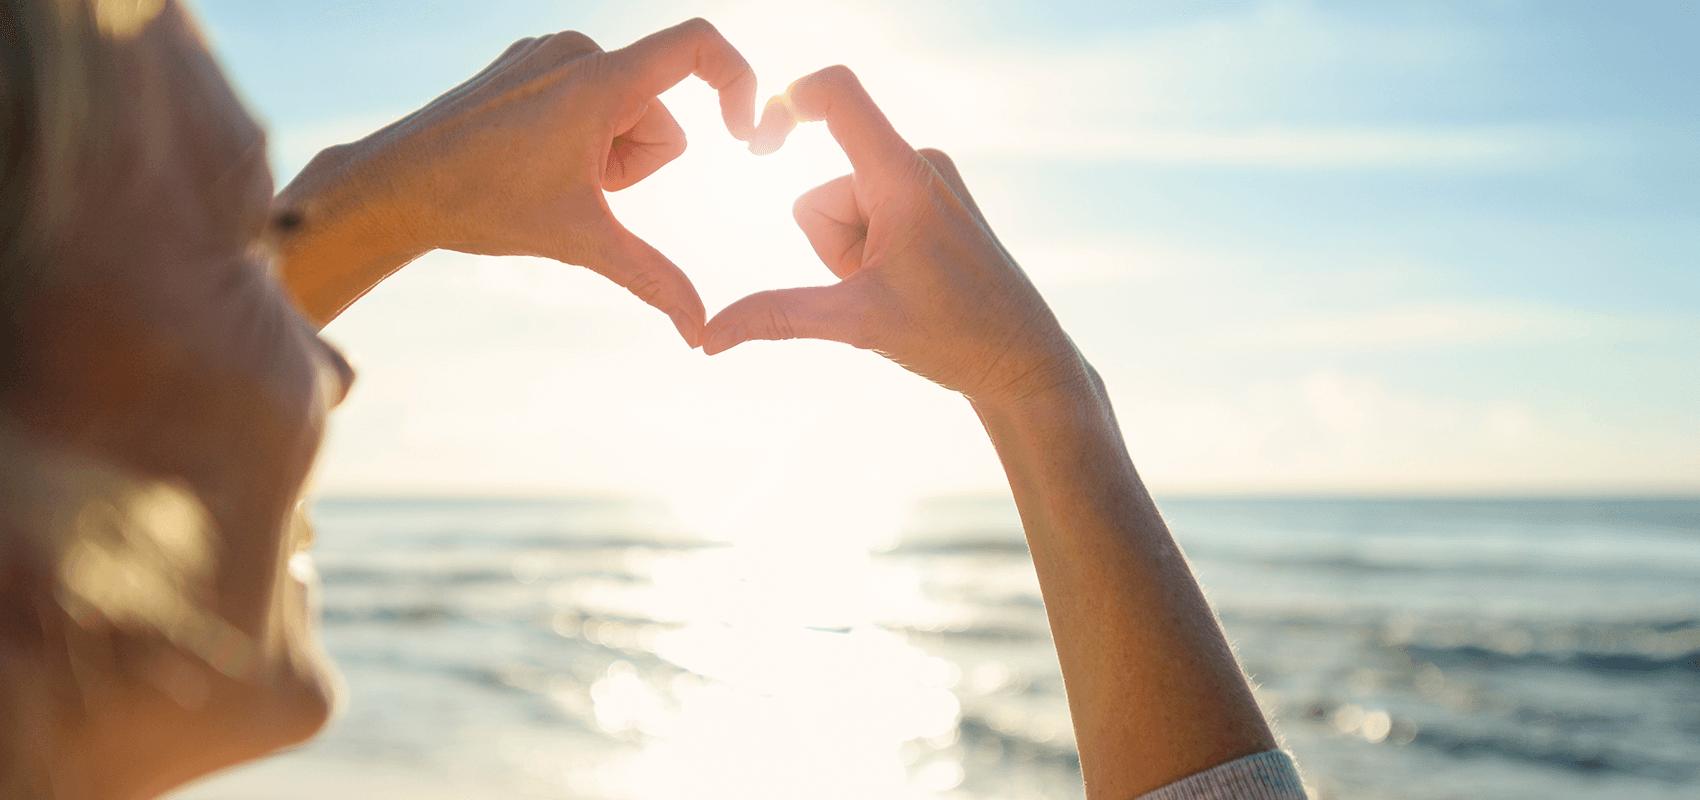 Frau formt mit ihren Fingern ein Herz, eine Liebeserklärung an die Nordsee